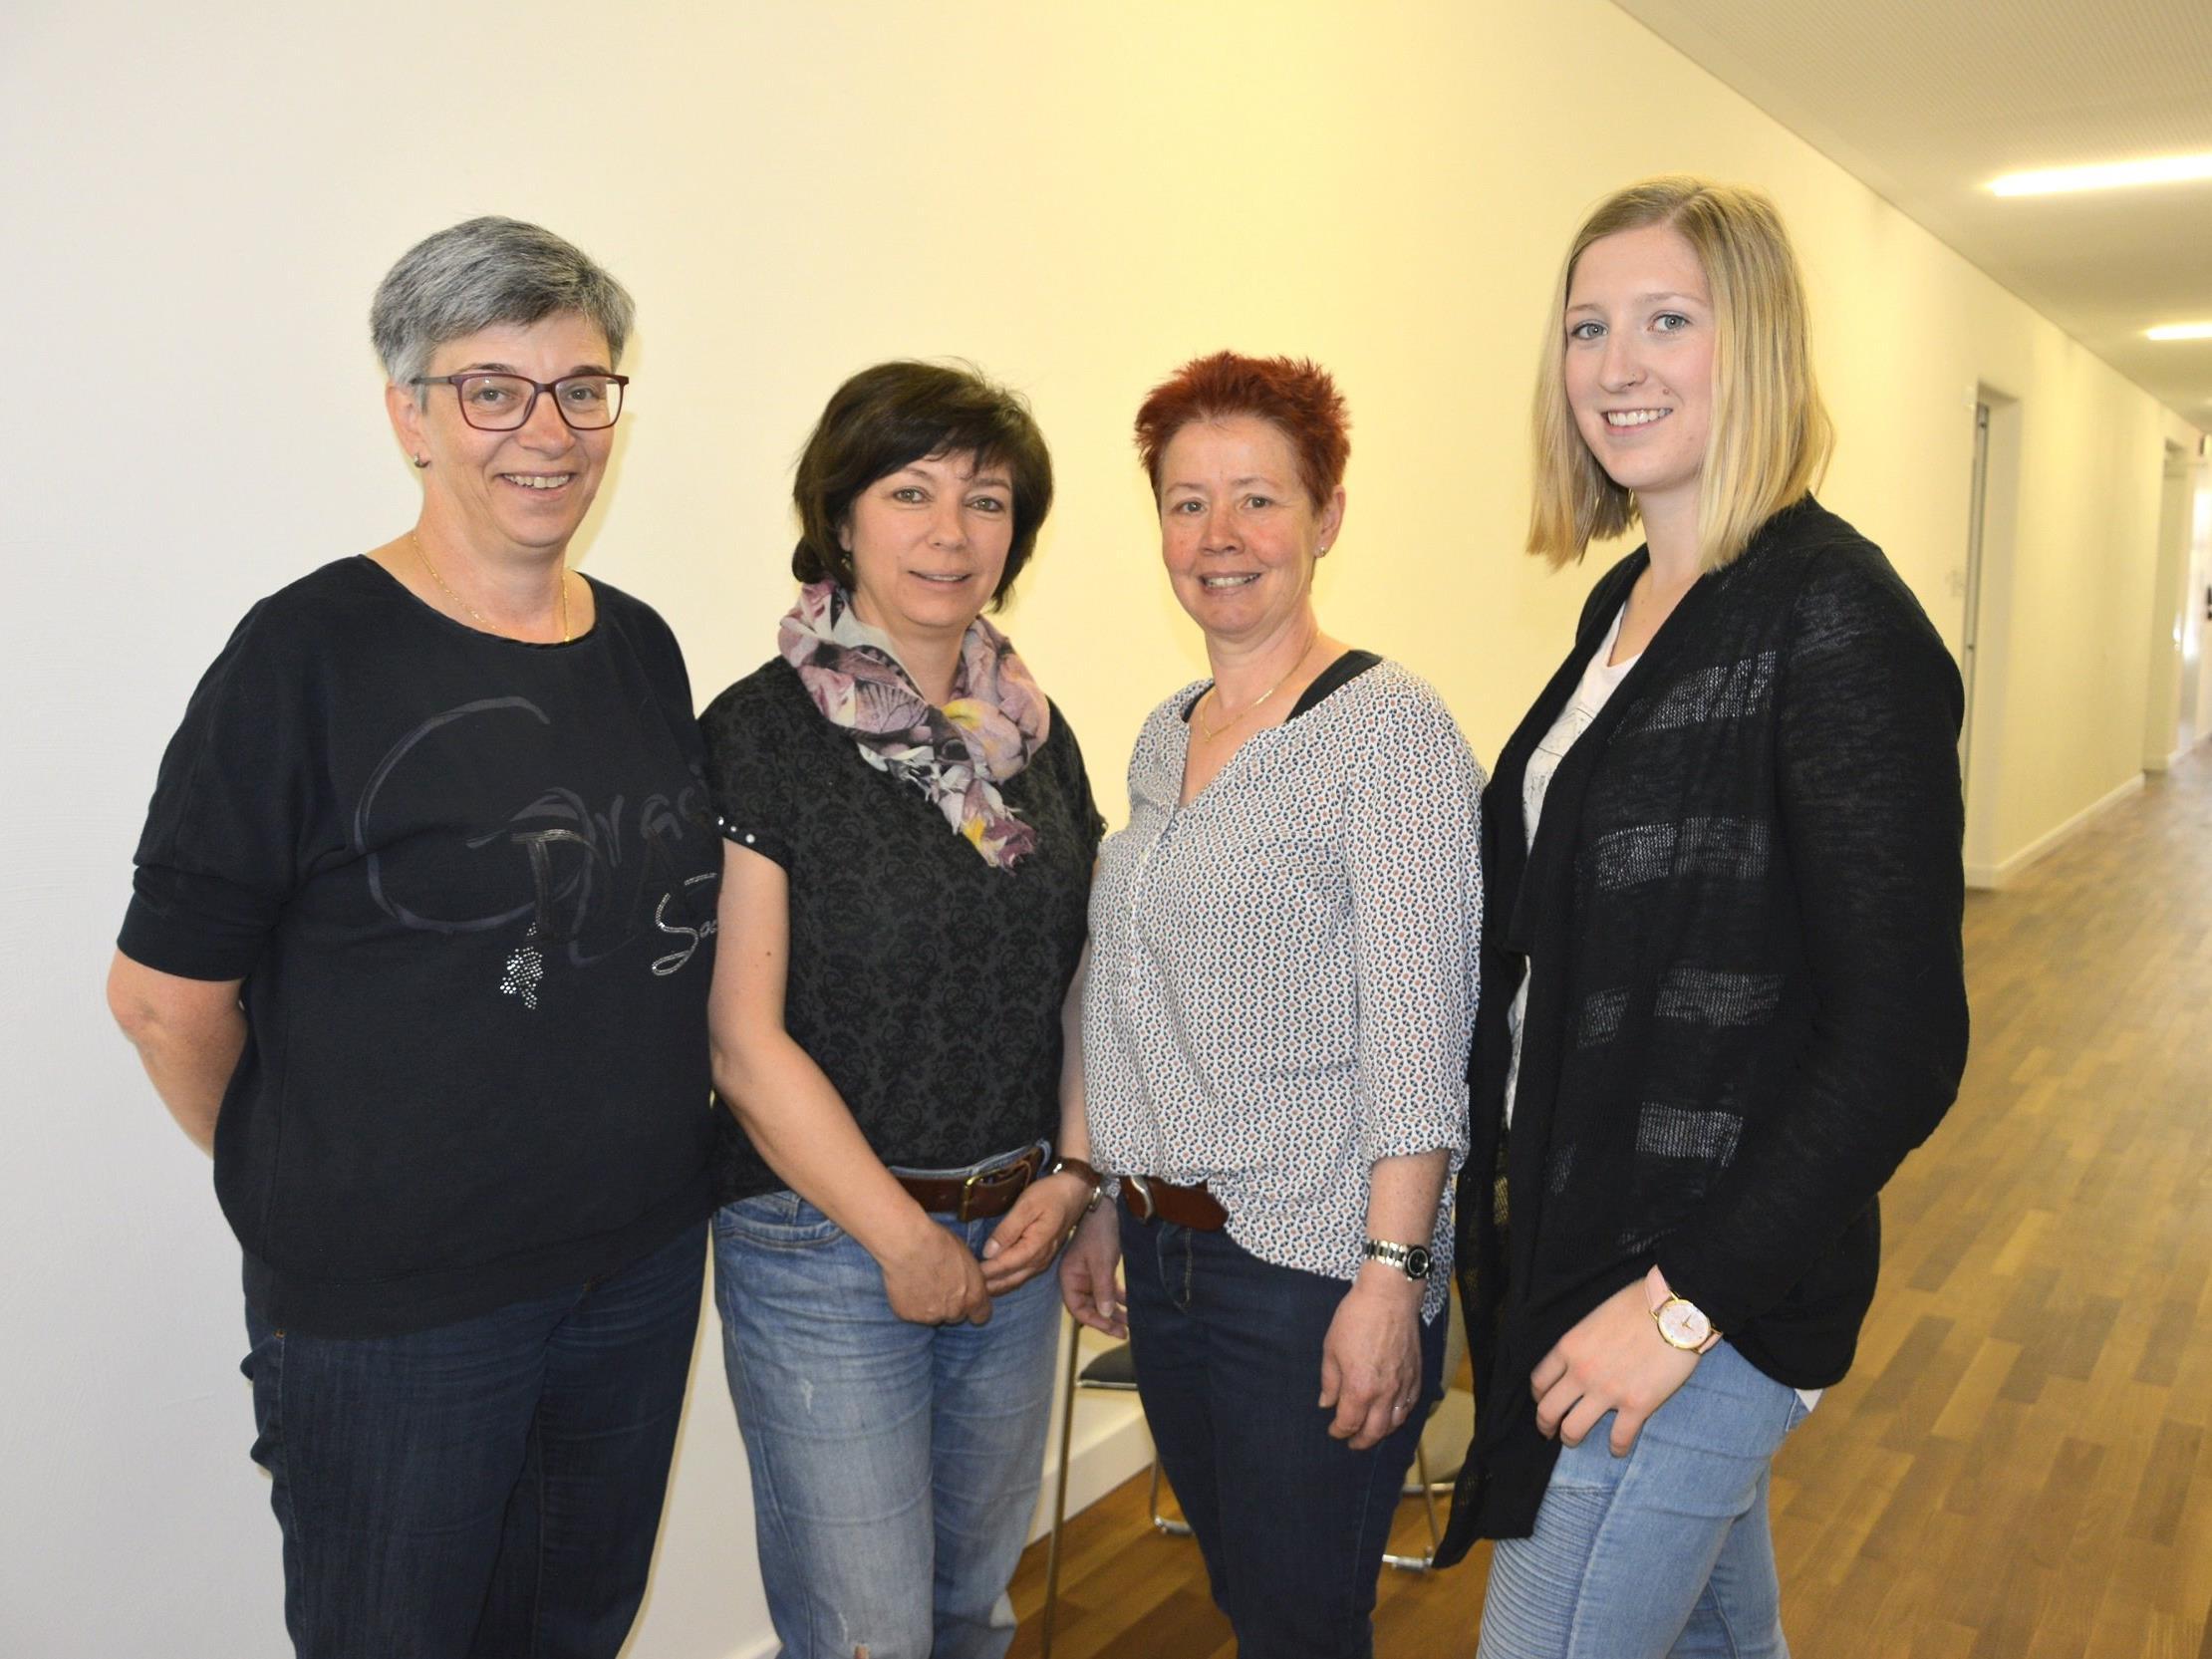 Vier Mitarbeiterinnen der MoHi Lustenau haben bereits die Ausbildung für das Trainingsprogramm erfolgreich abgeschlossen.